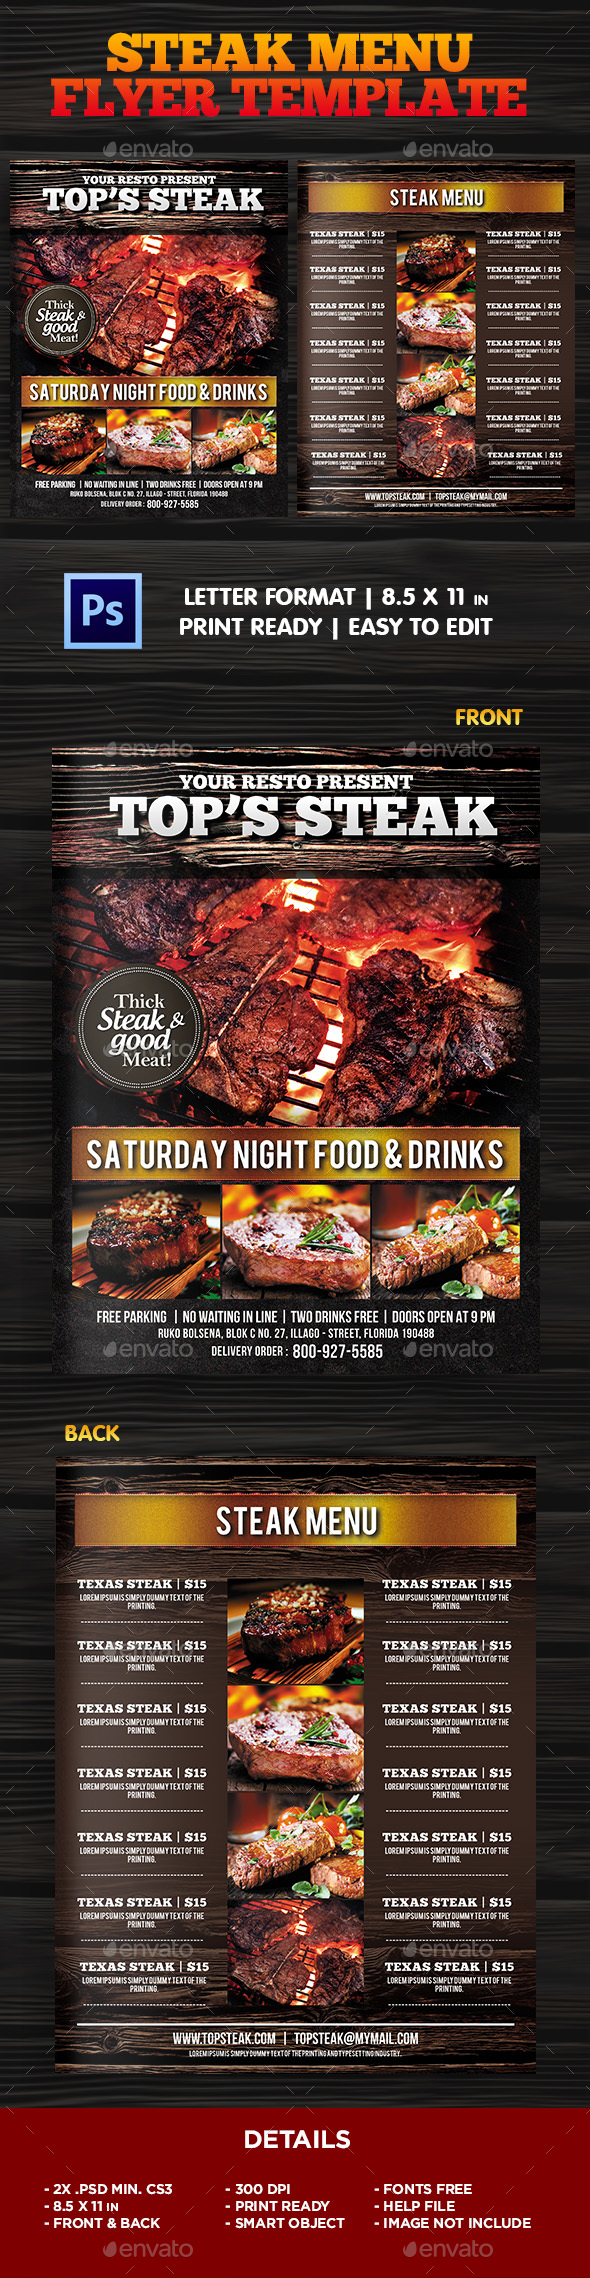 BBQ - Steak Menu Flyer Template - Restaurant Flyers